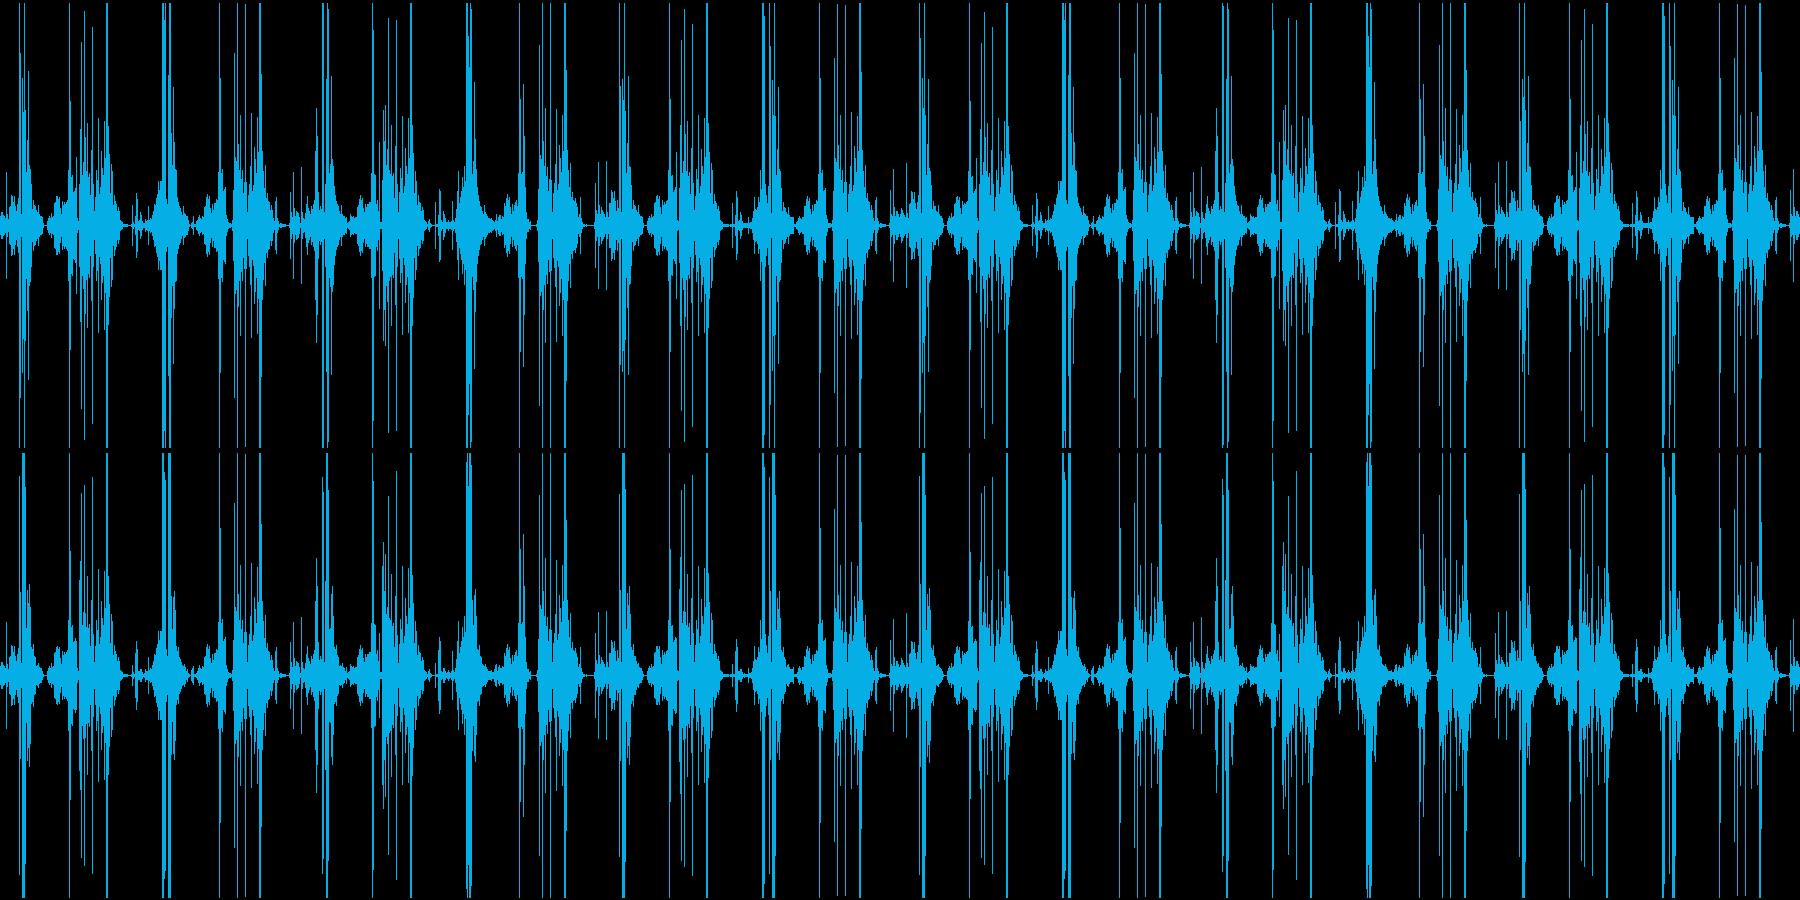 ファンタジー作品向けヘンテコ機械稼働音の再生済みの波形